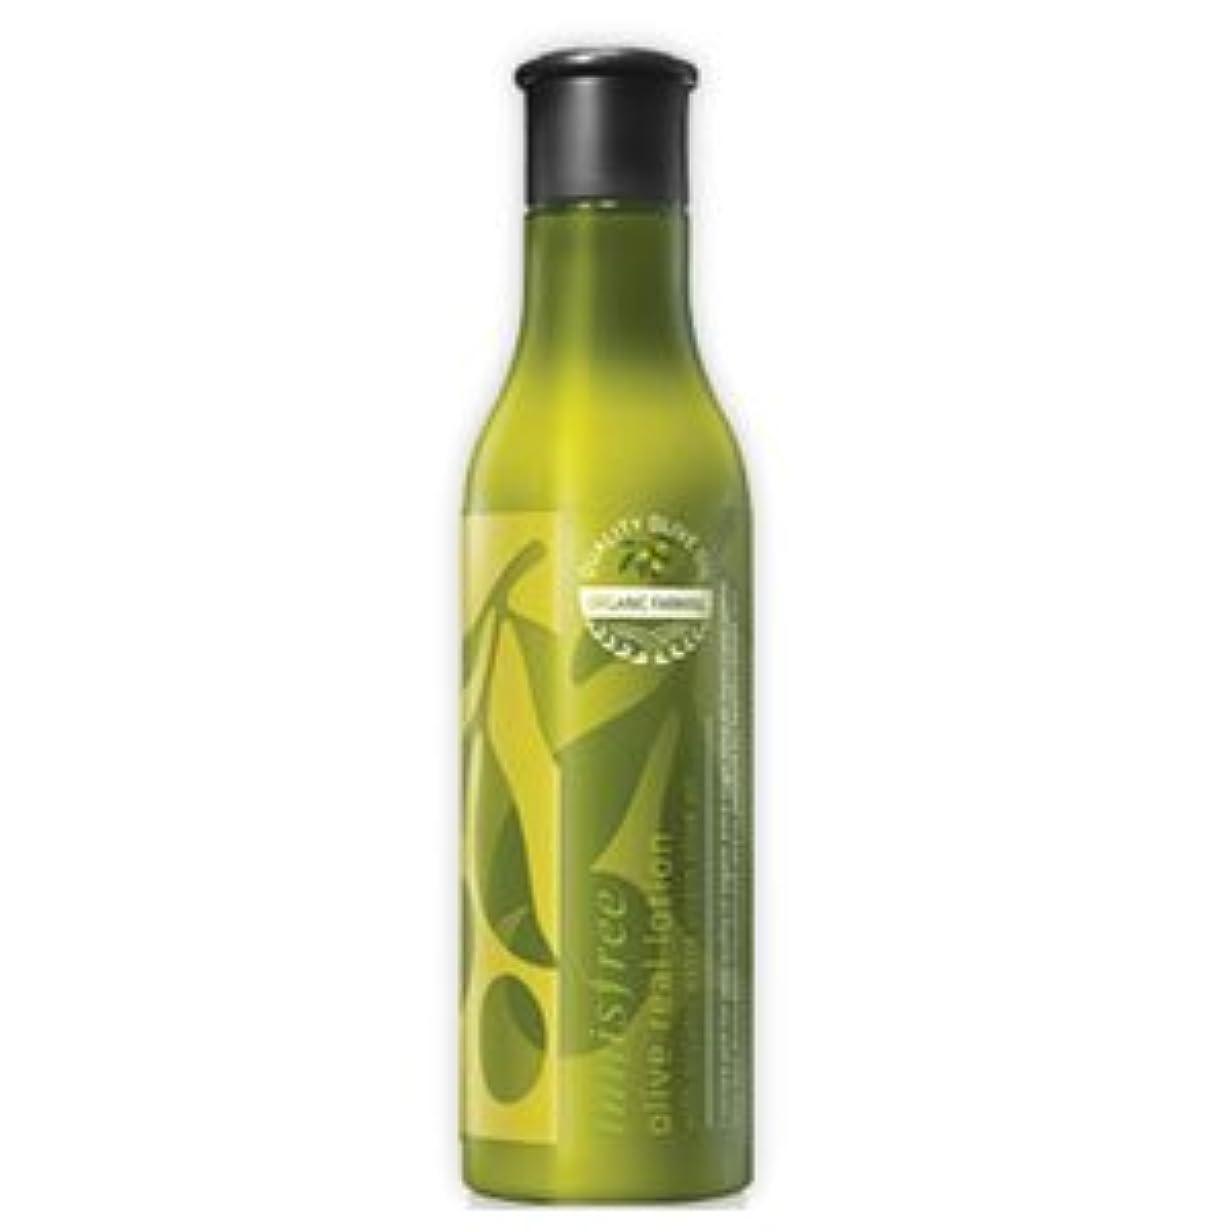 減少診断する攻撃的innisfree(イニスフリー) 保湿栄養 オリーブリアル ローション 乳液 160ml